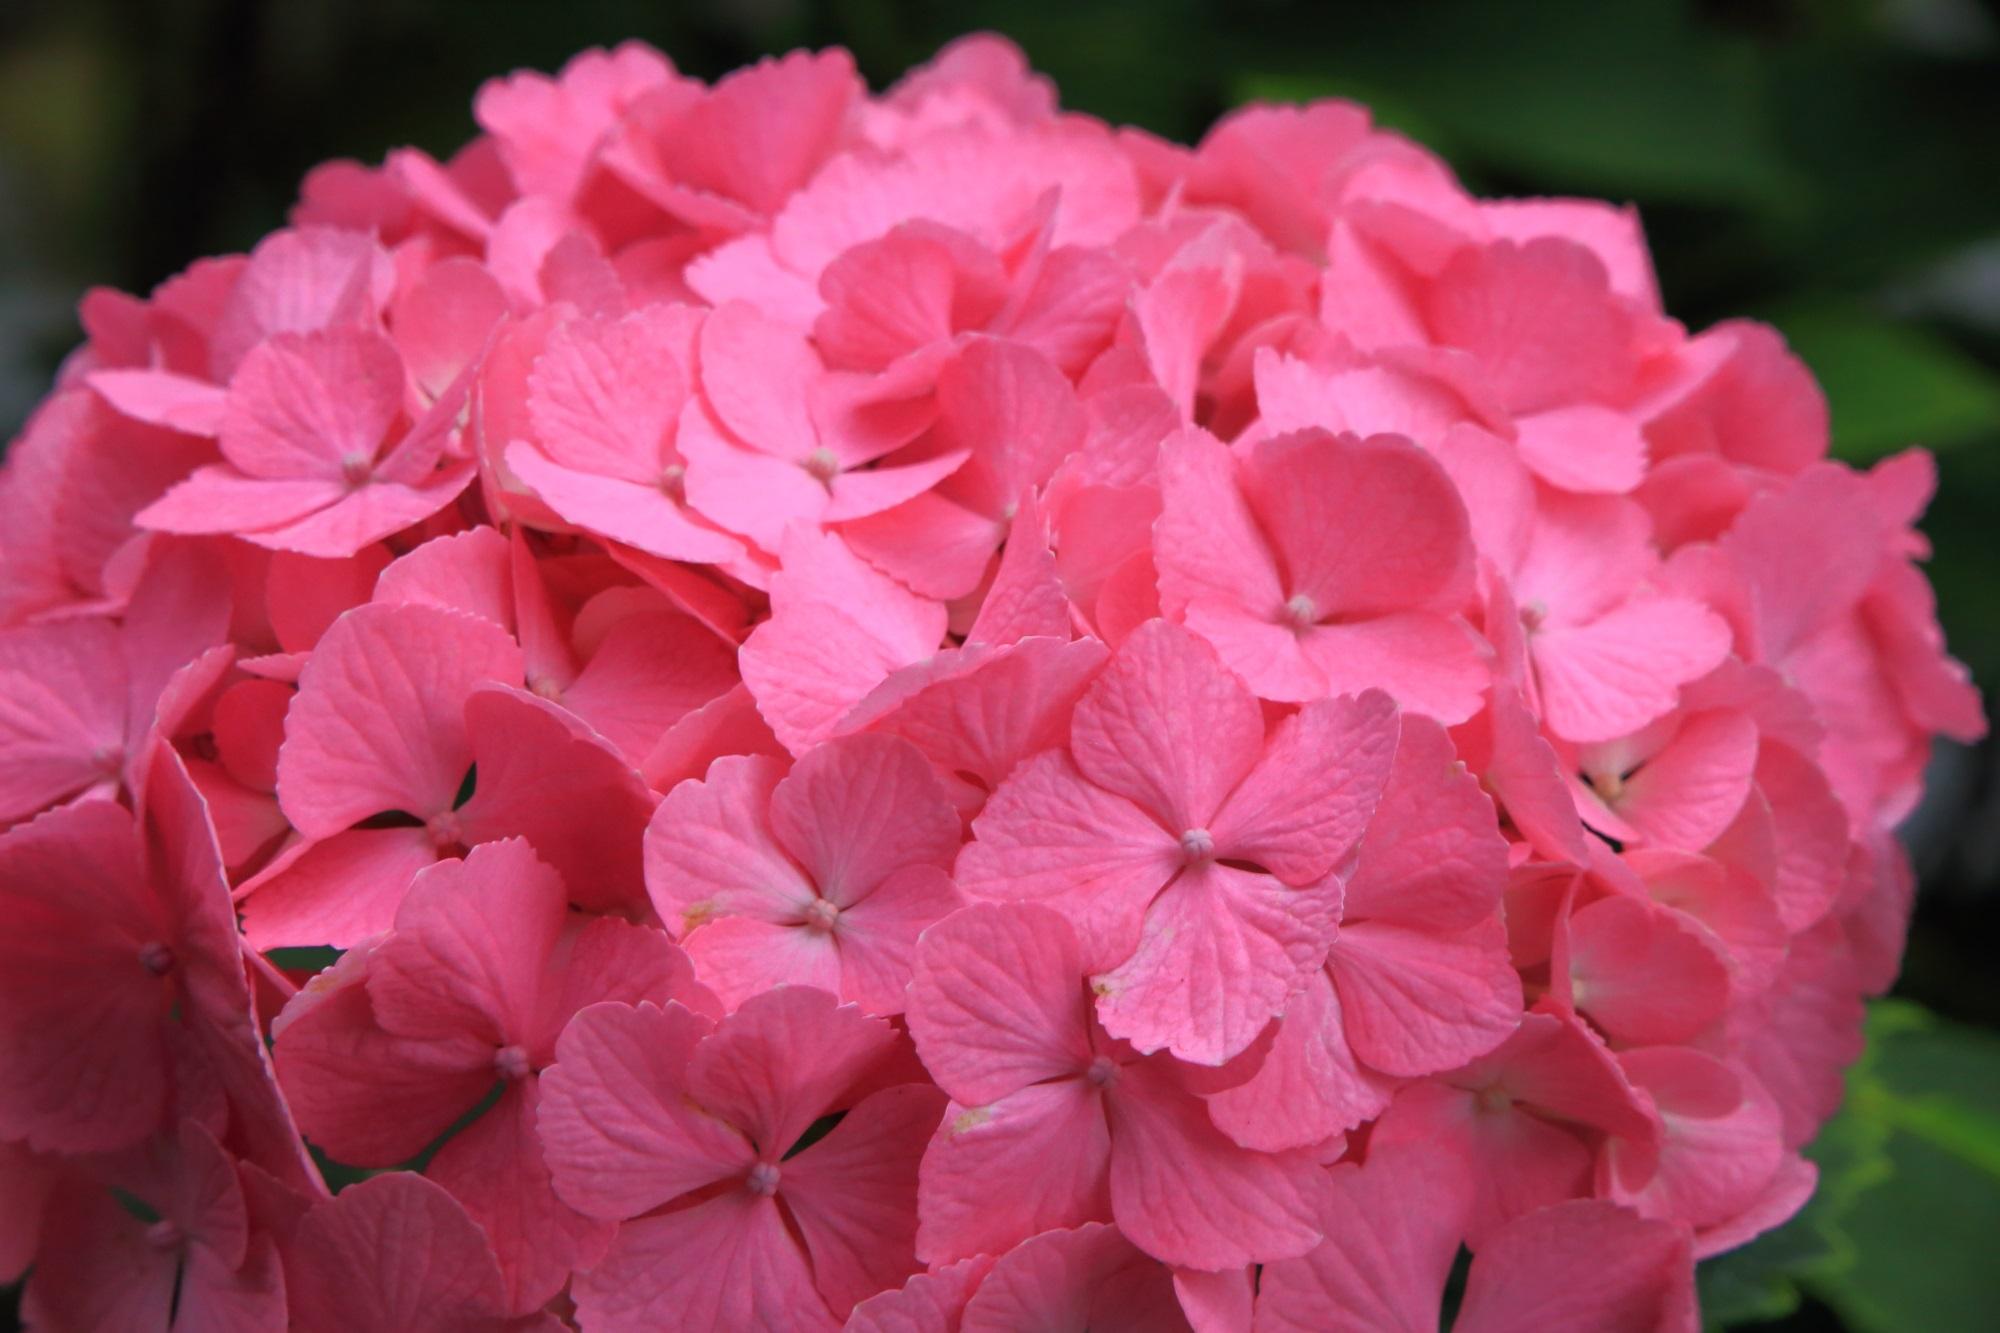 舞鶴自然文化園の煌くような鮮やかなピンクの紫陽花